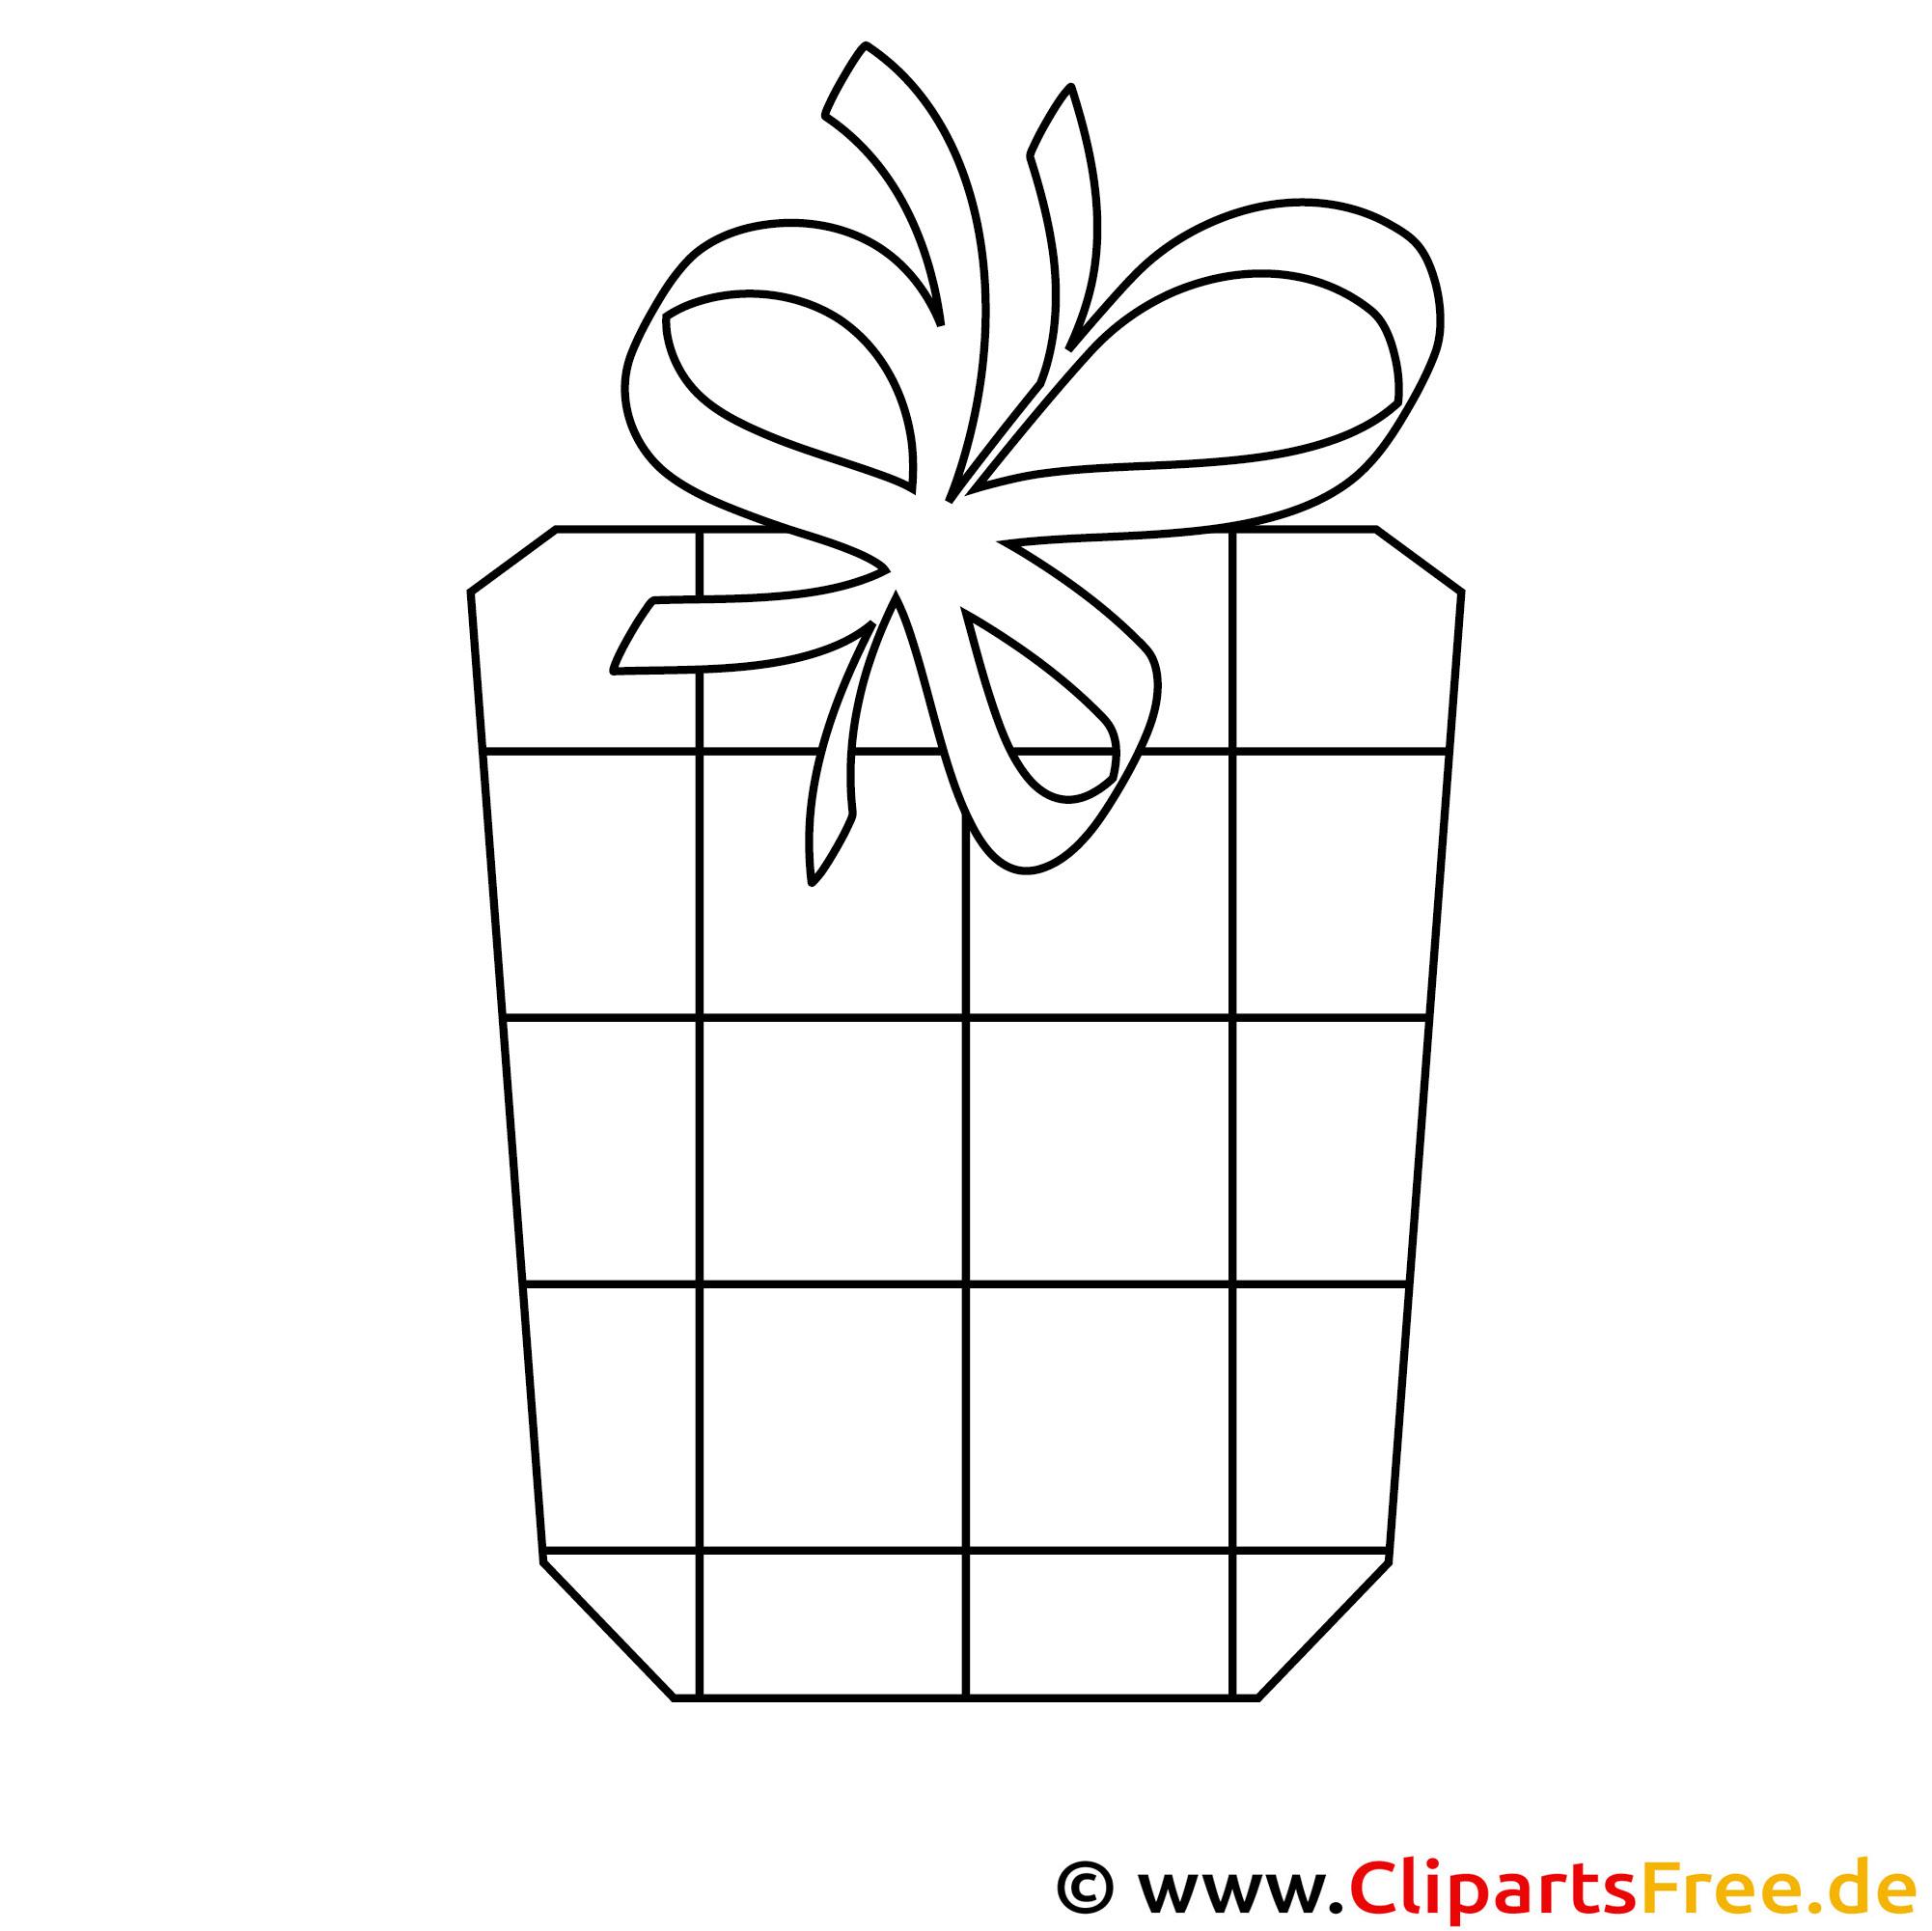 Geschenk zum Geburtstag Ausmalbild PDF kostenlos